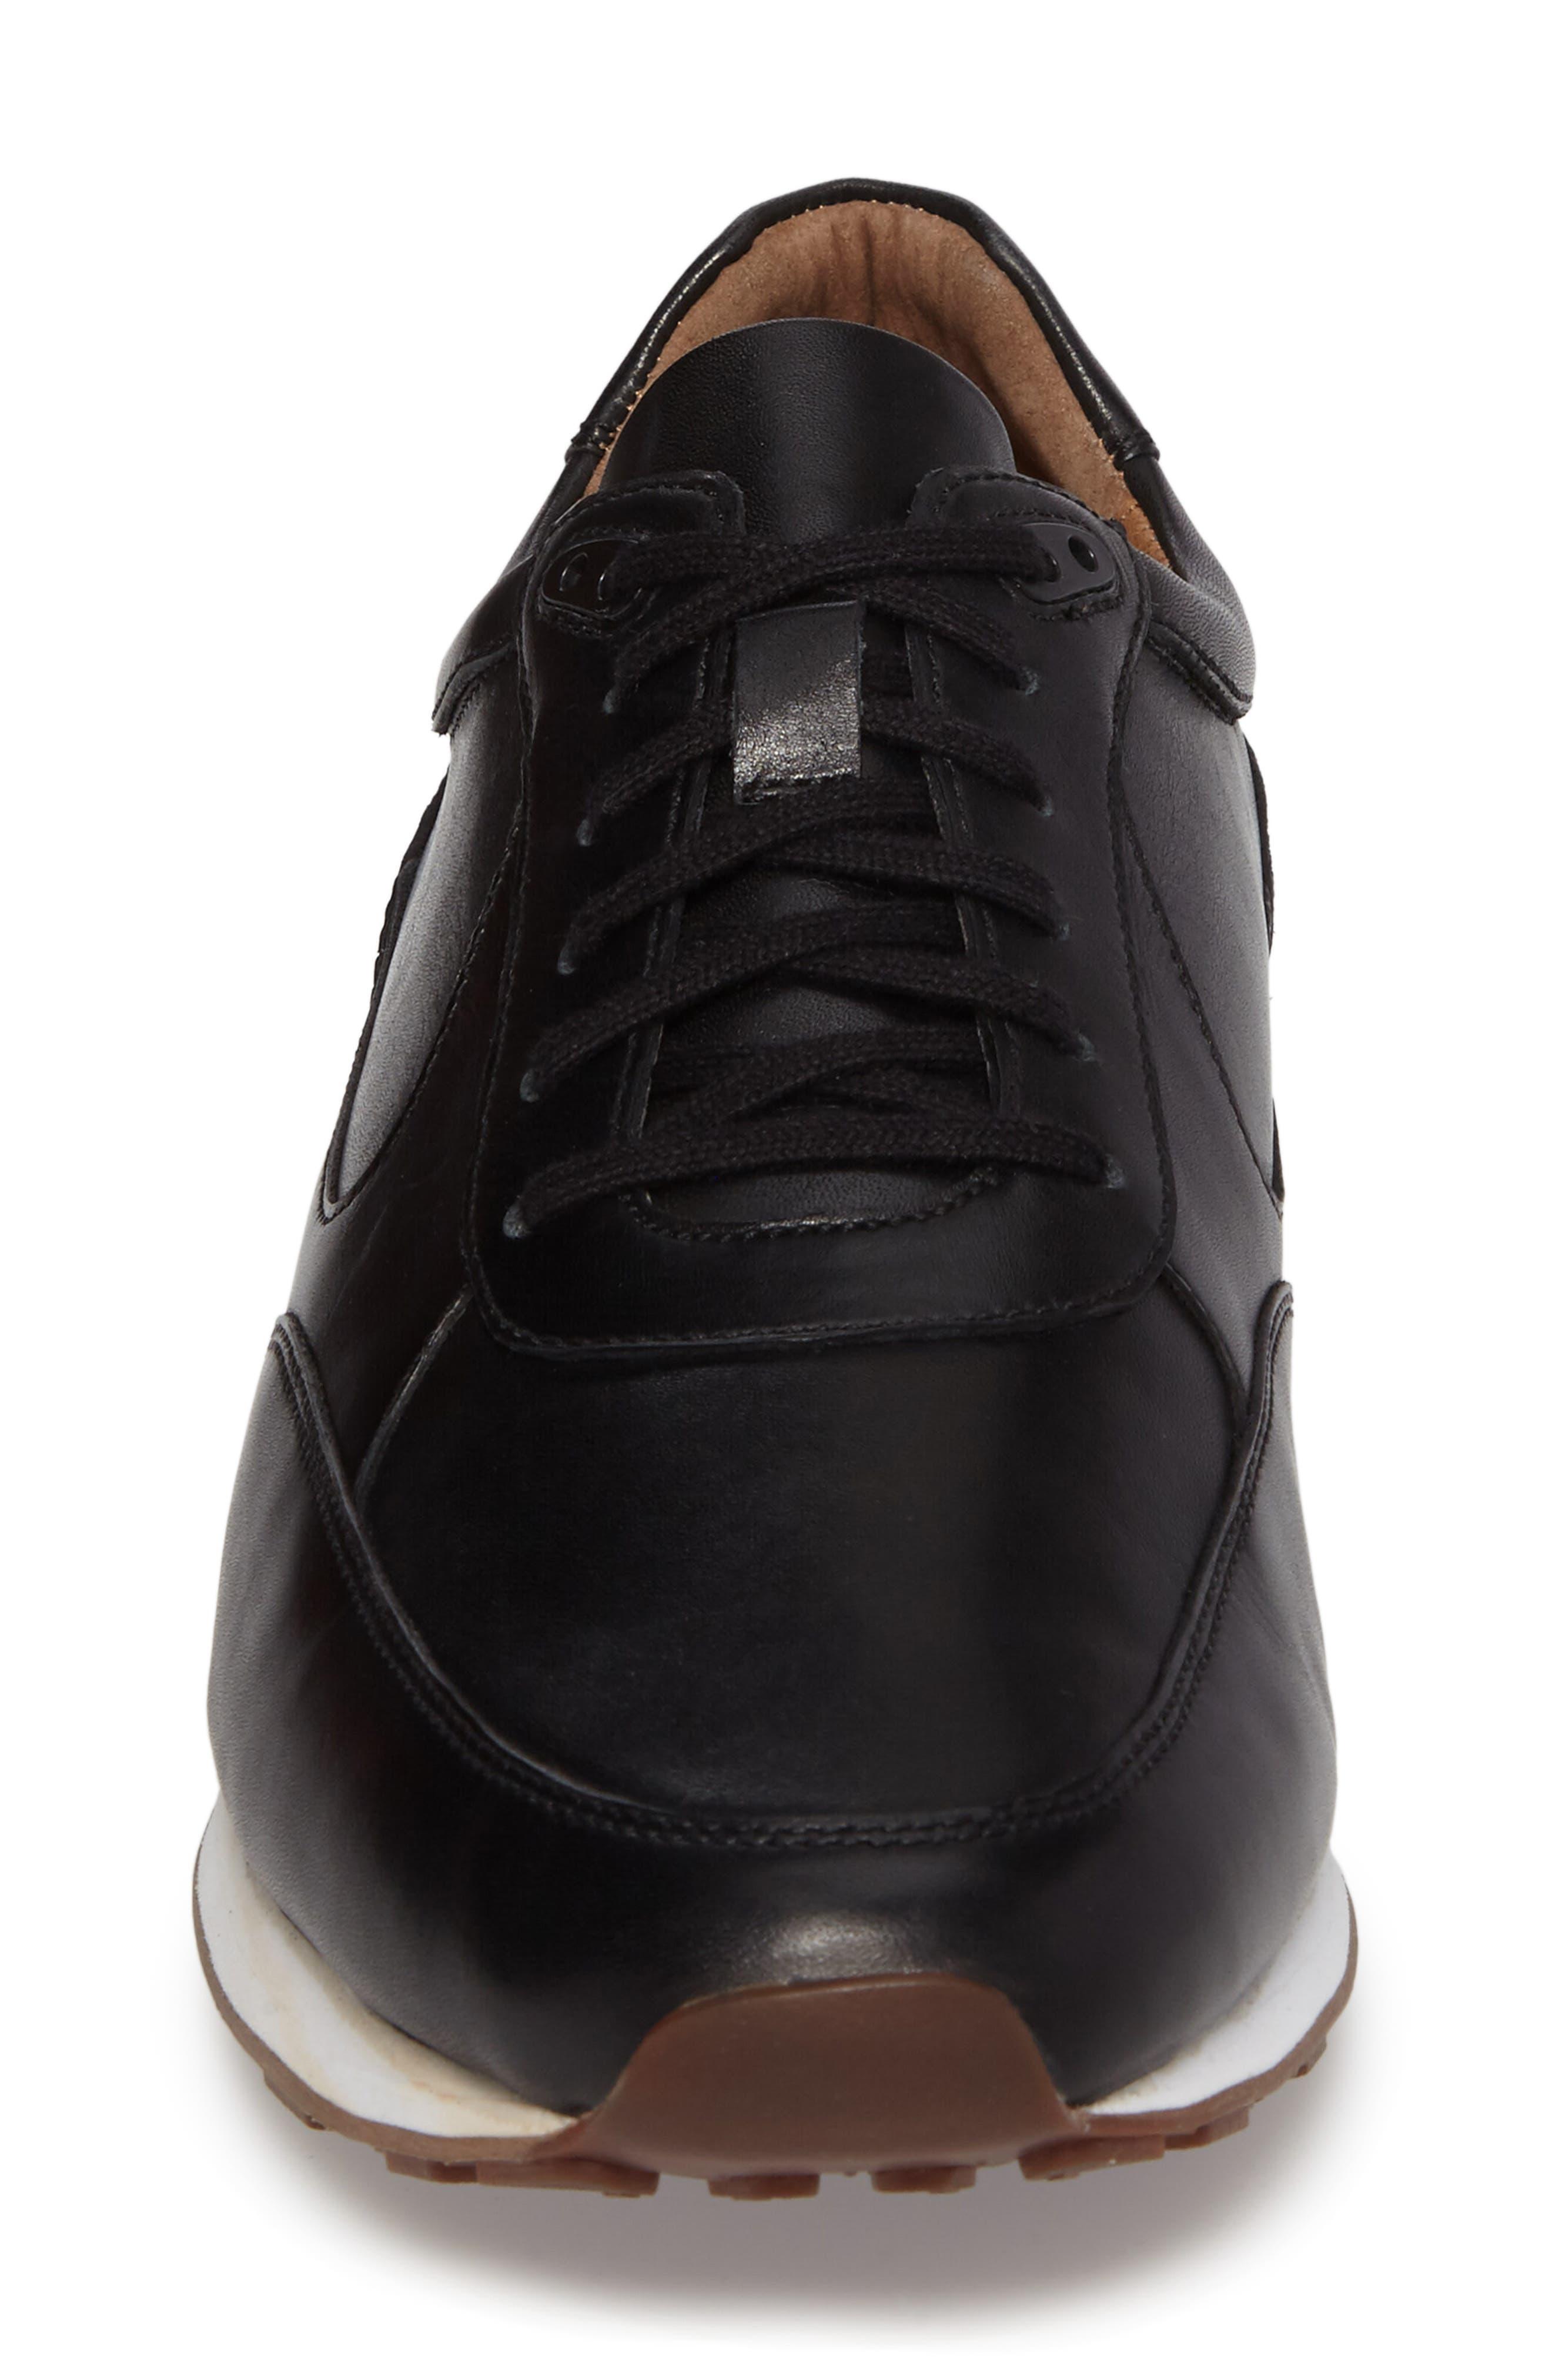 Malek Sneaker,                             Alternate thumbnail 4, color,                             Black Leather